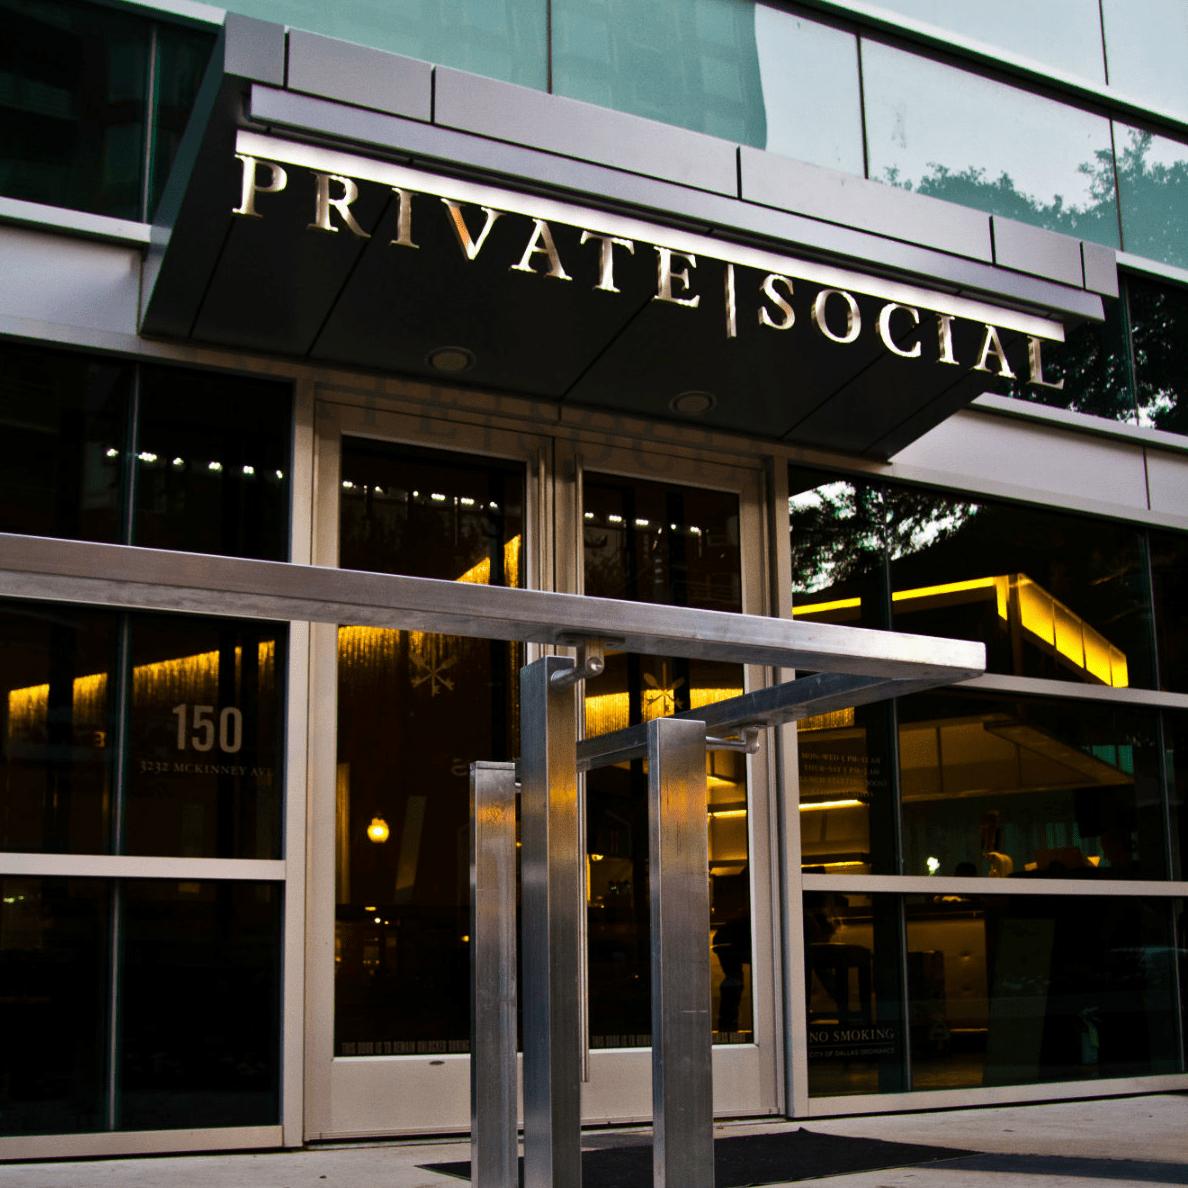 Private Social restaurant in Uptown Dallas